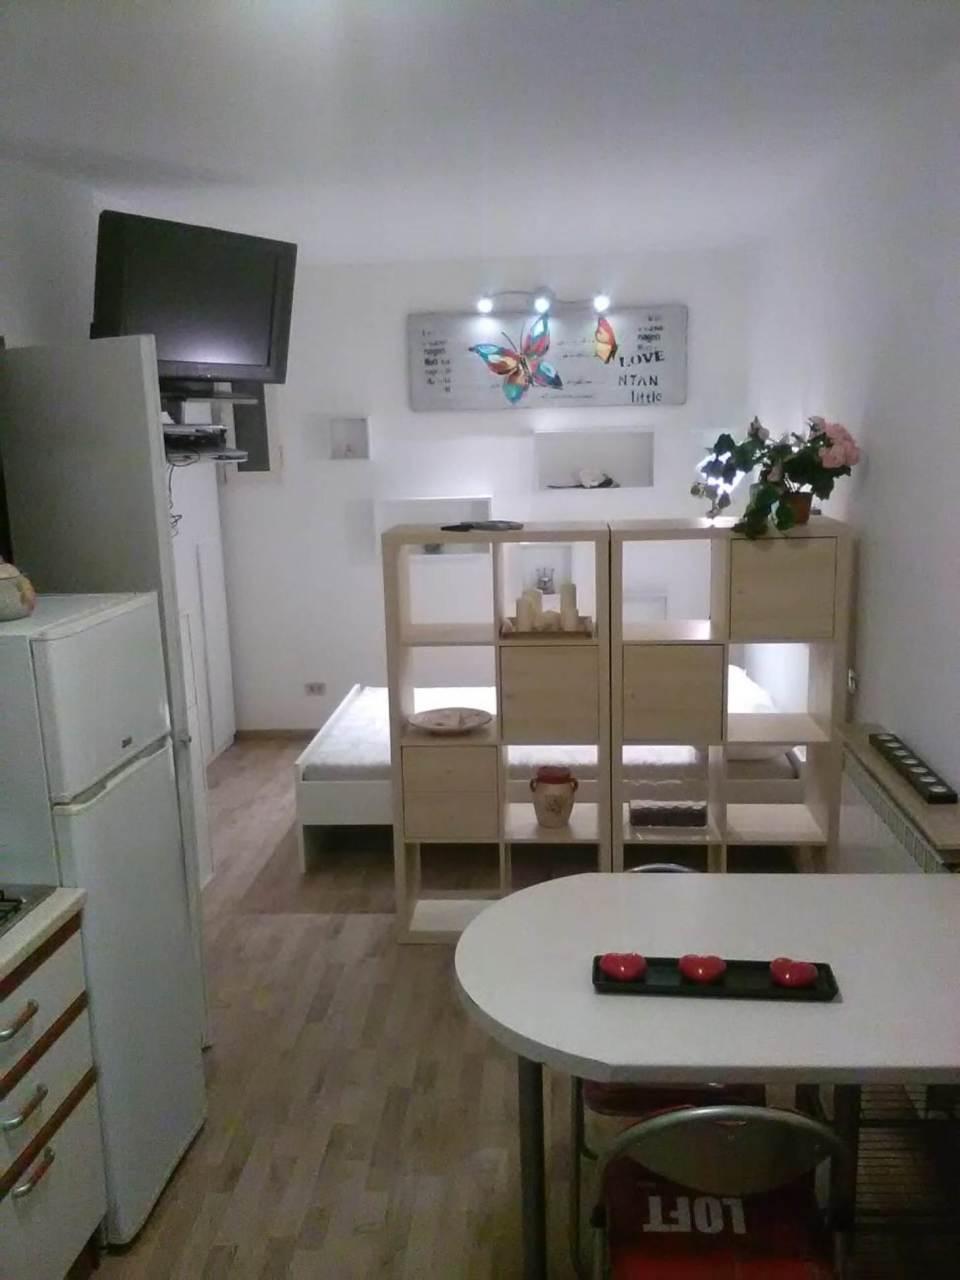 Appartamento - Monolocale a Centro storico, Perugia